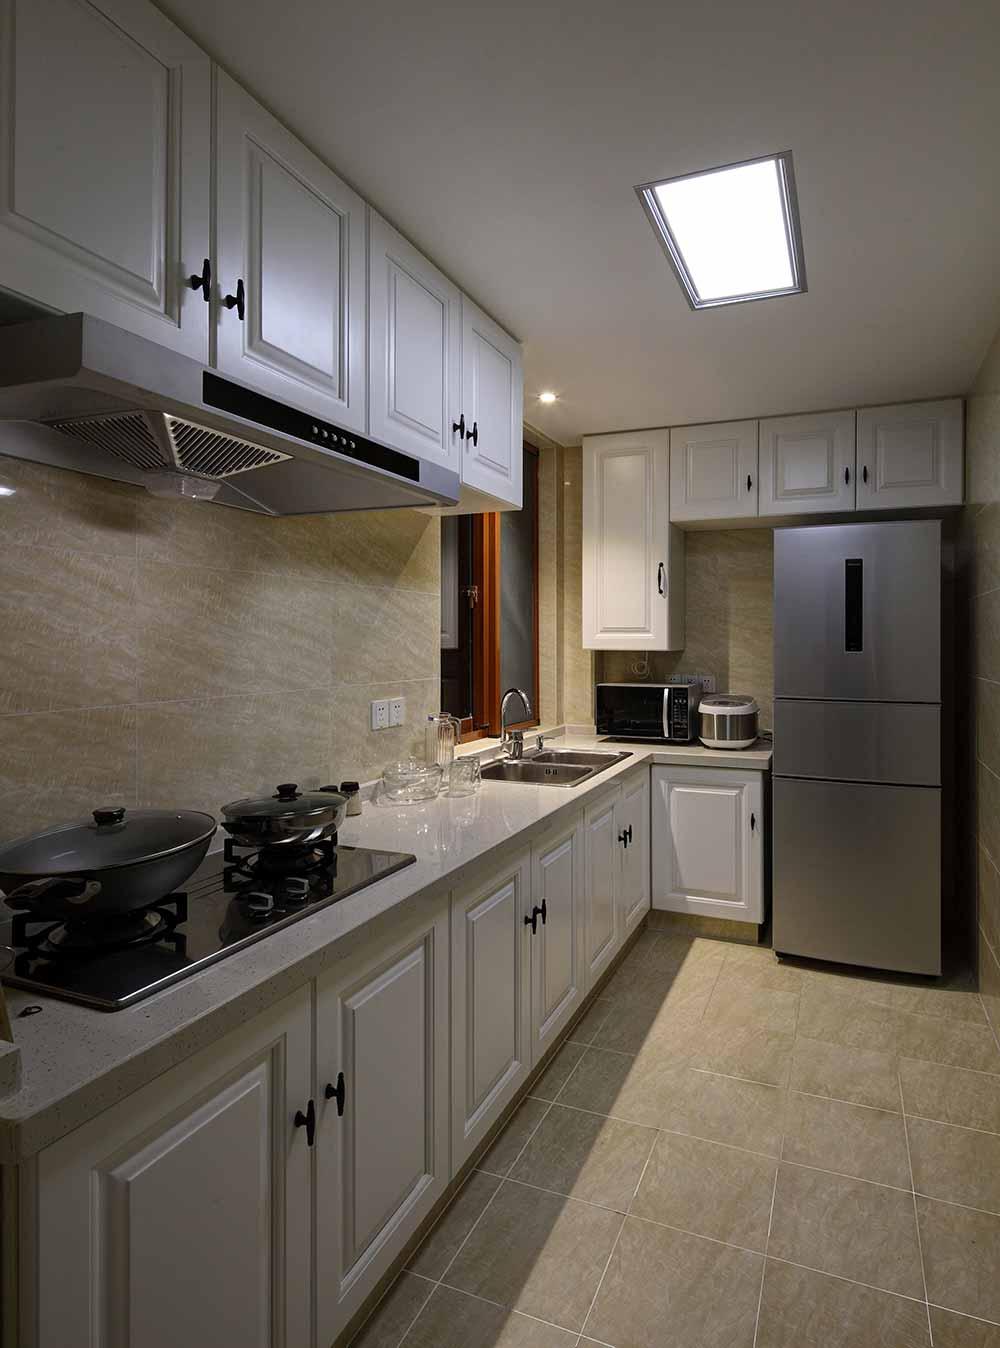 2016新古典简洁厨房装修效果图